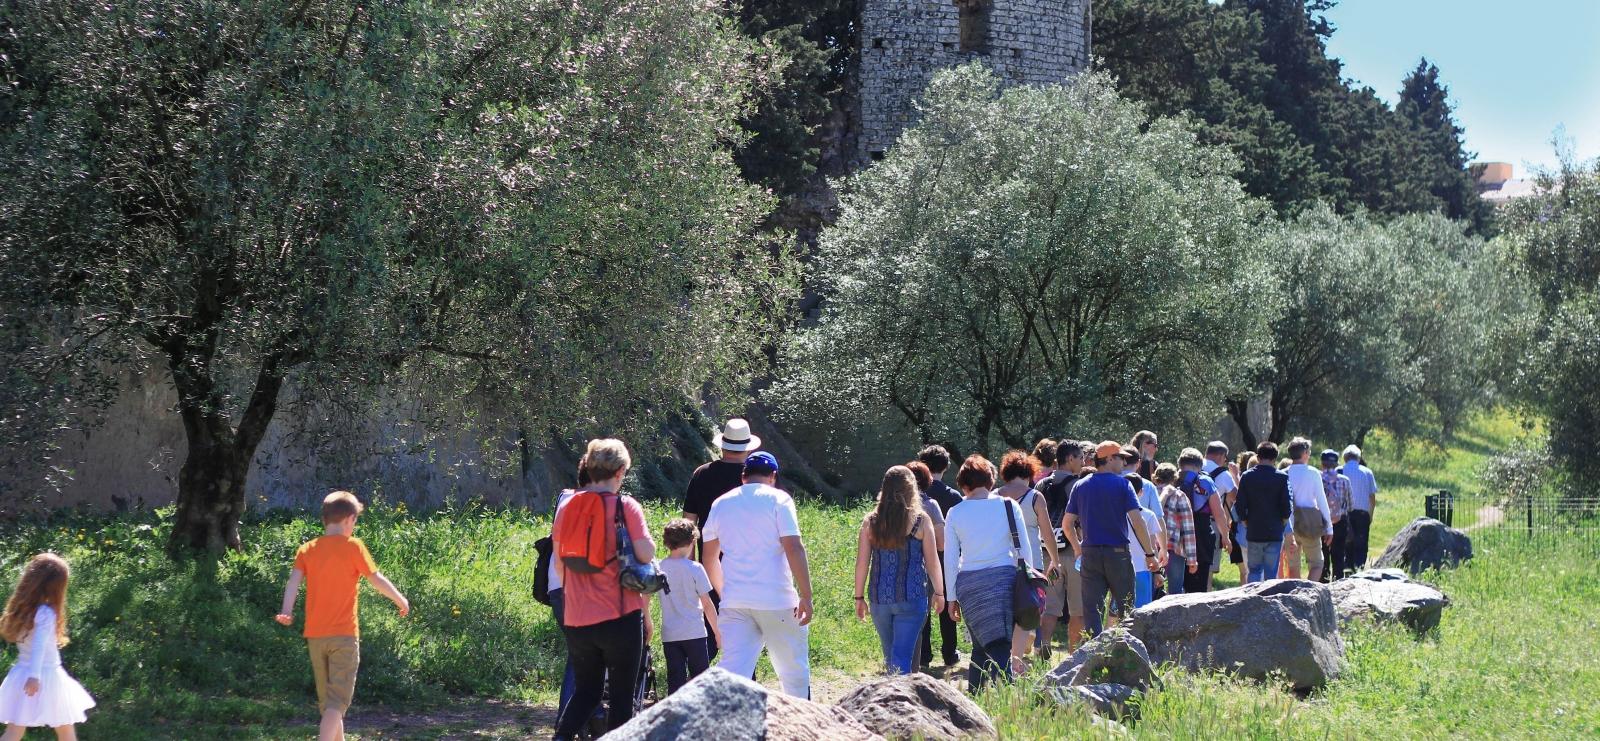 Visites guidées - Journées Européennes du Patrimoine